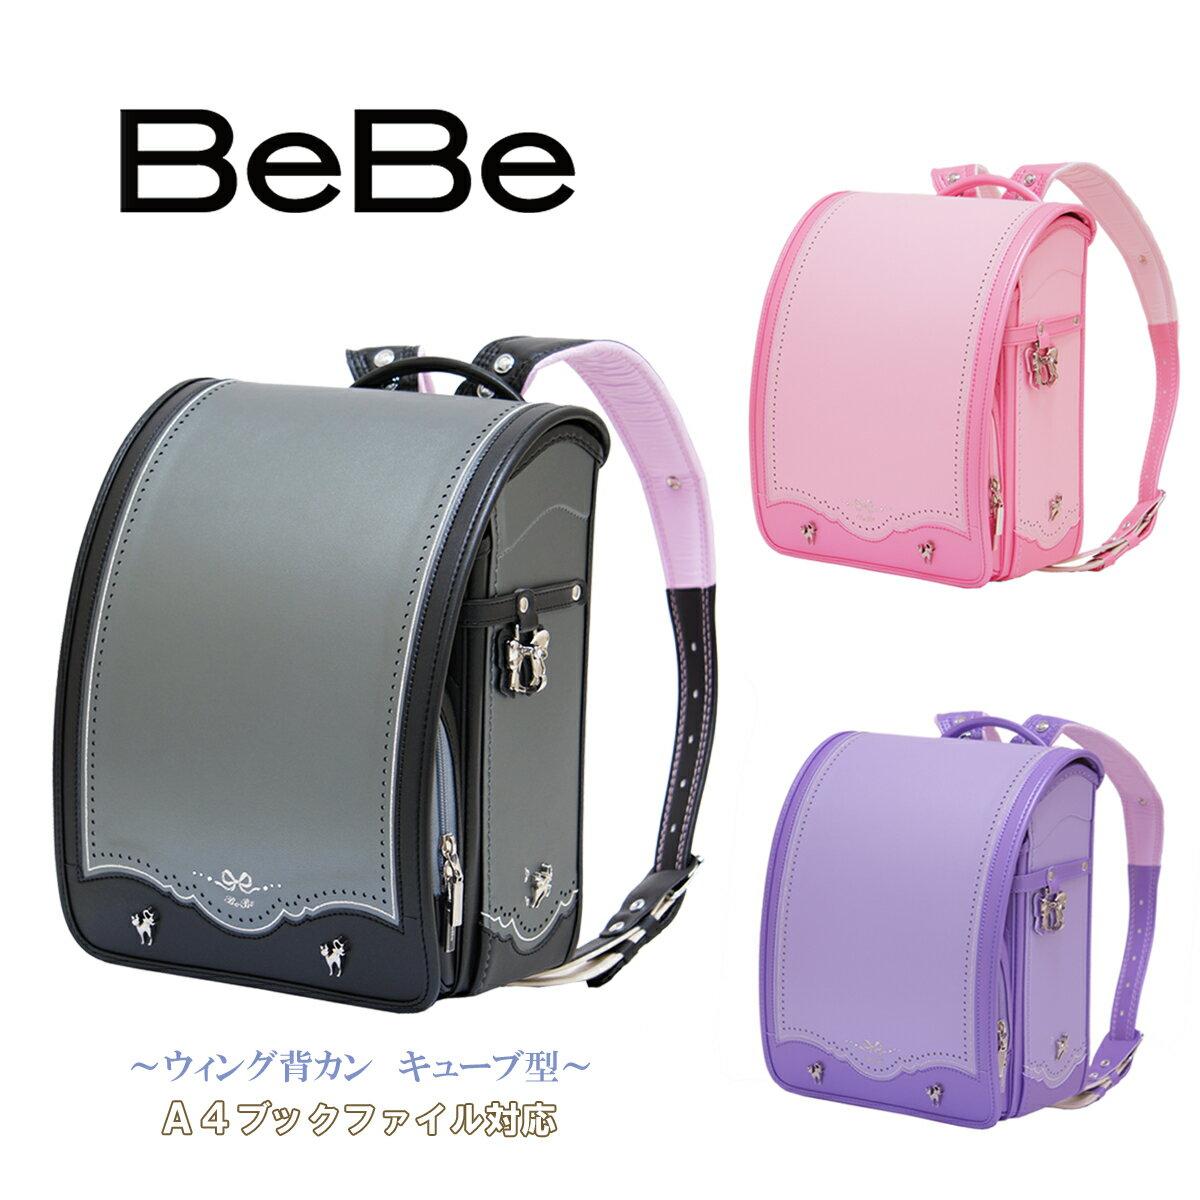 2020年度 ランドセル 女の子 ガールズ BeBe ベベ シャノワール キューブ型 ウイング背カン 百貨店モデル 人工皮革 ガールズ 0112-9207 MADE IN JAPAN(日本製) ピンク